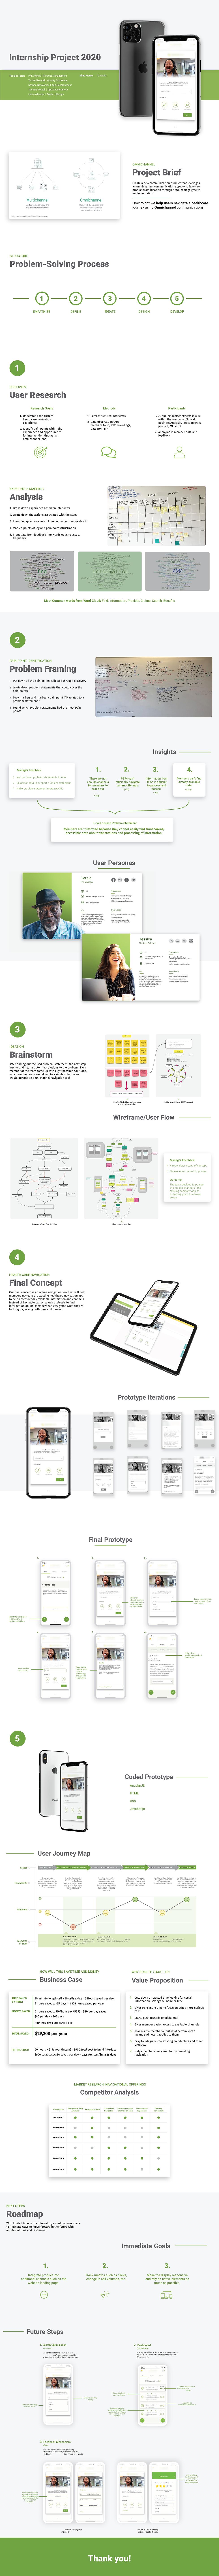 Final_Presentation_C2.png